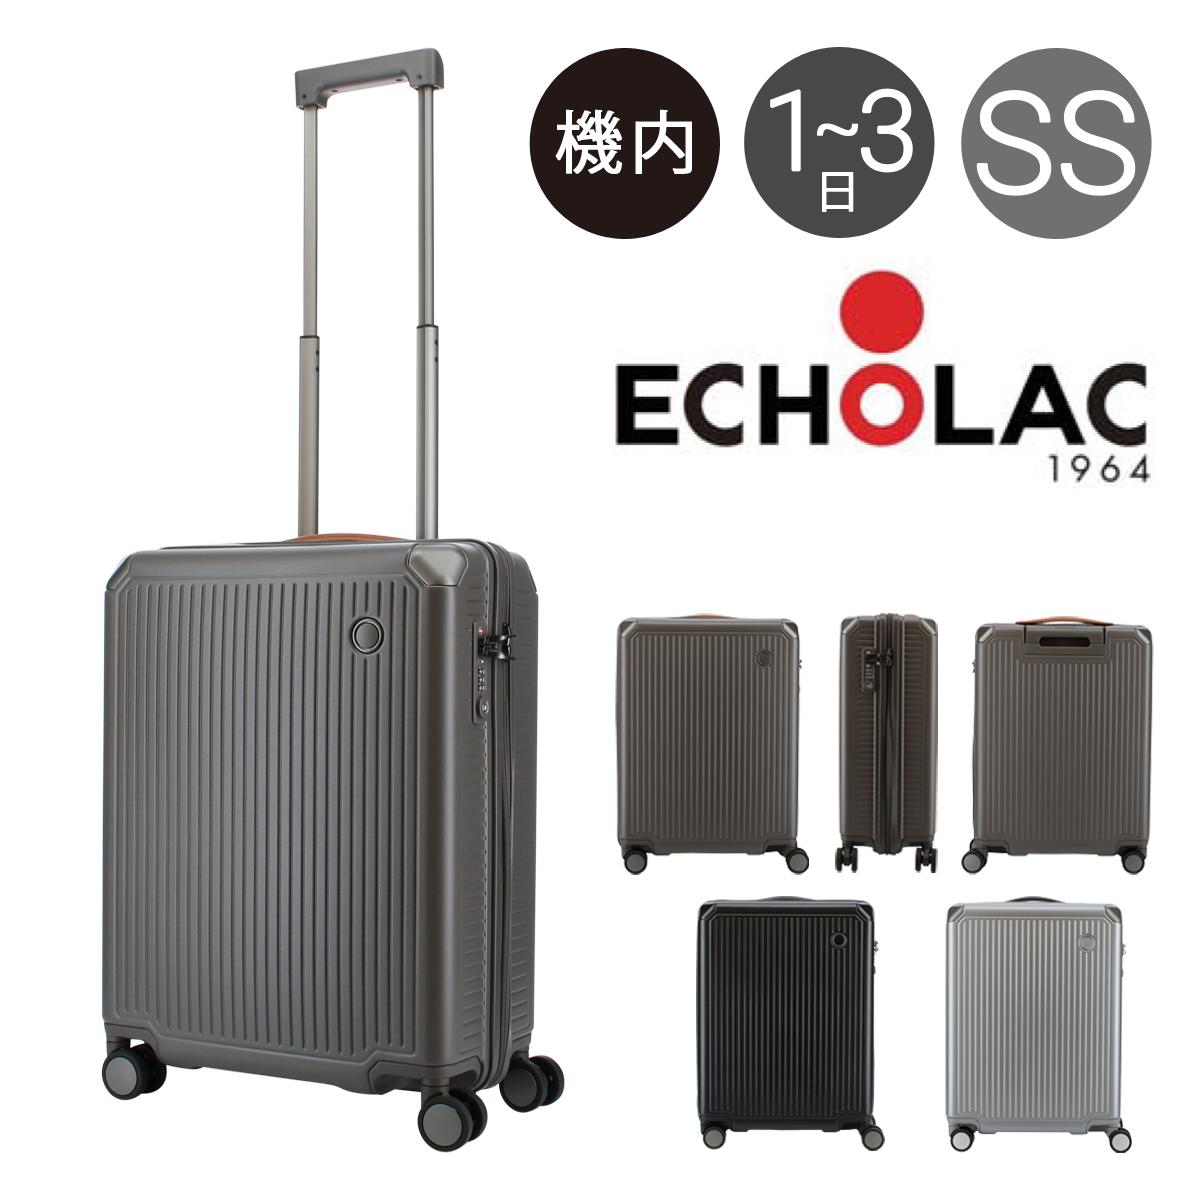 エコーラック スーツケース ショーグン 39L 39cm 3kg PC148-20 ECHOLAC | ハード ファスナー | TSAロック搭載 [bef][即日発送]